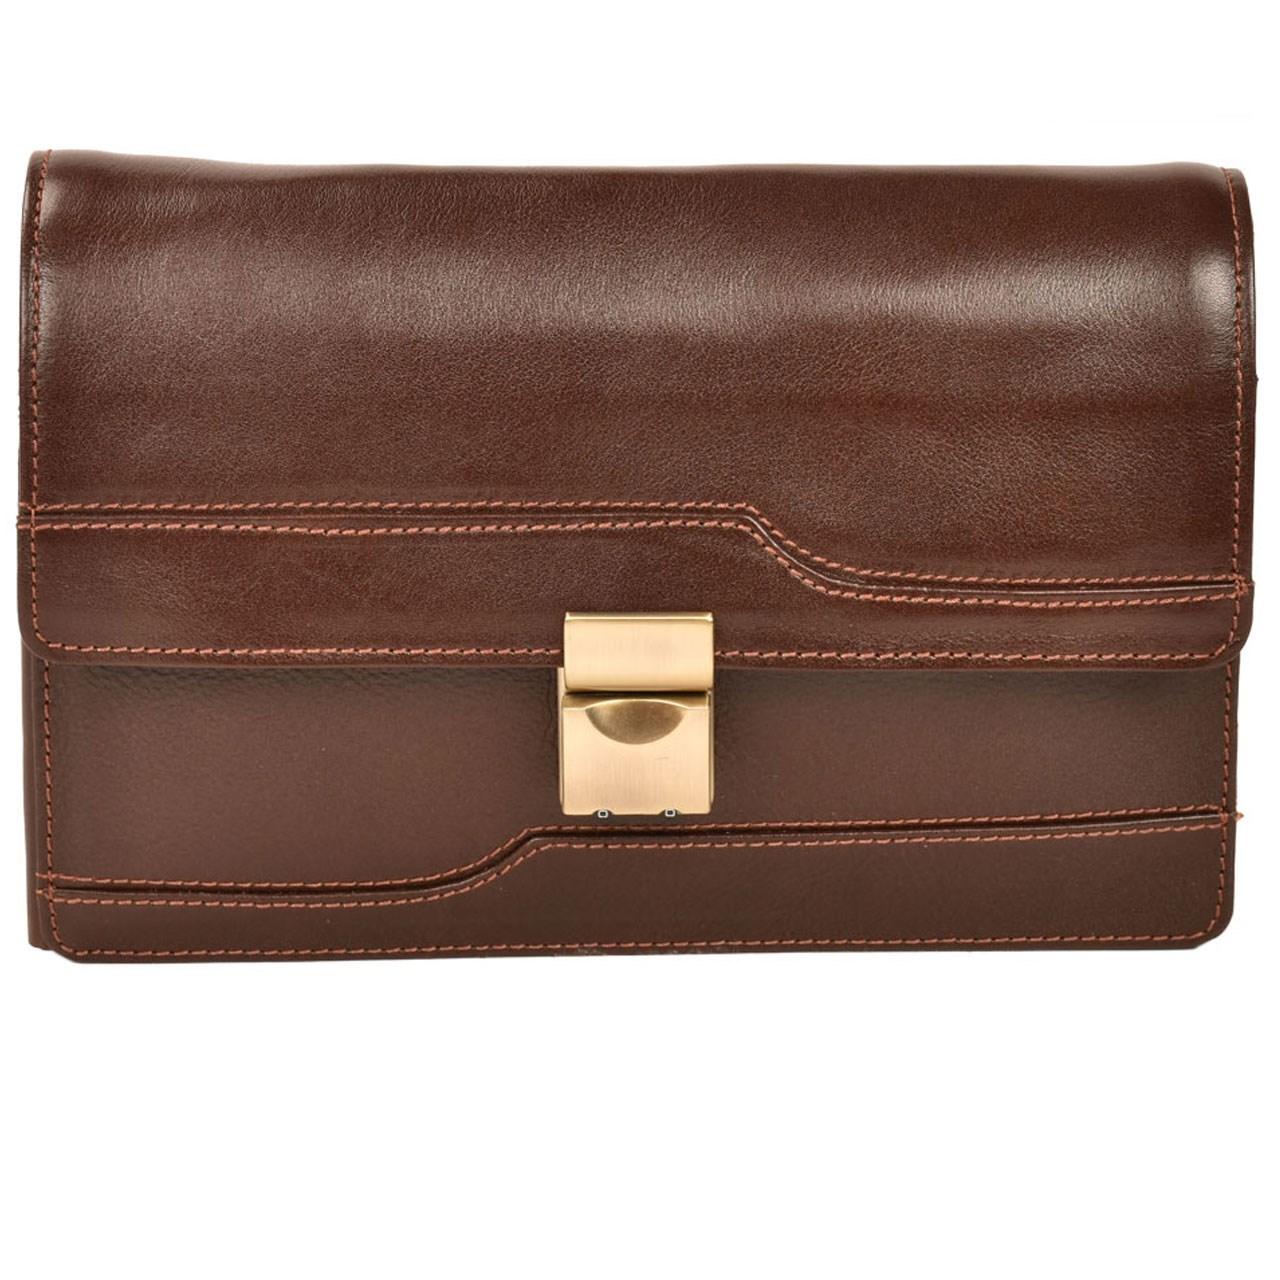 کیف دستی چرم طبیعی کهن چرم مدل 7-DB33